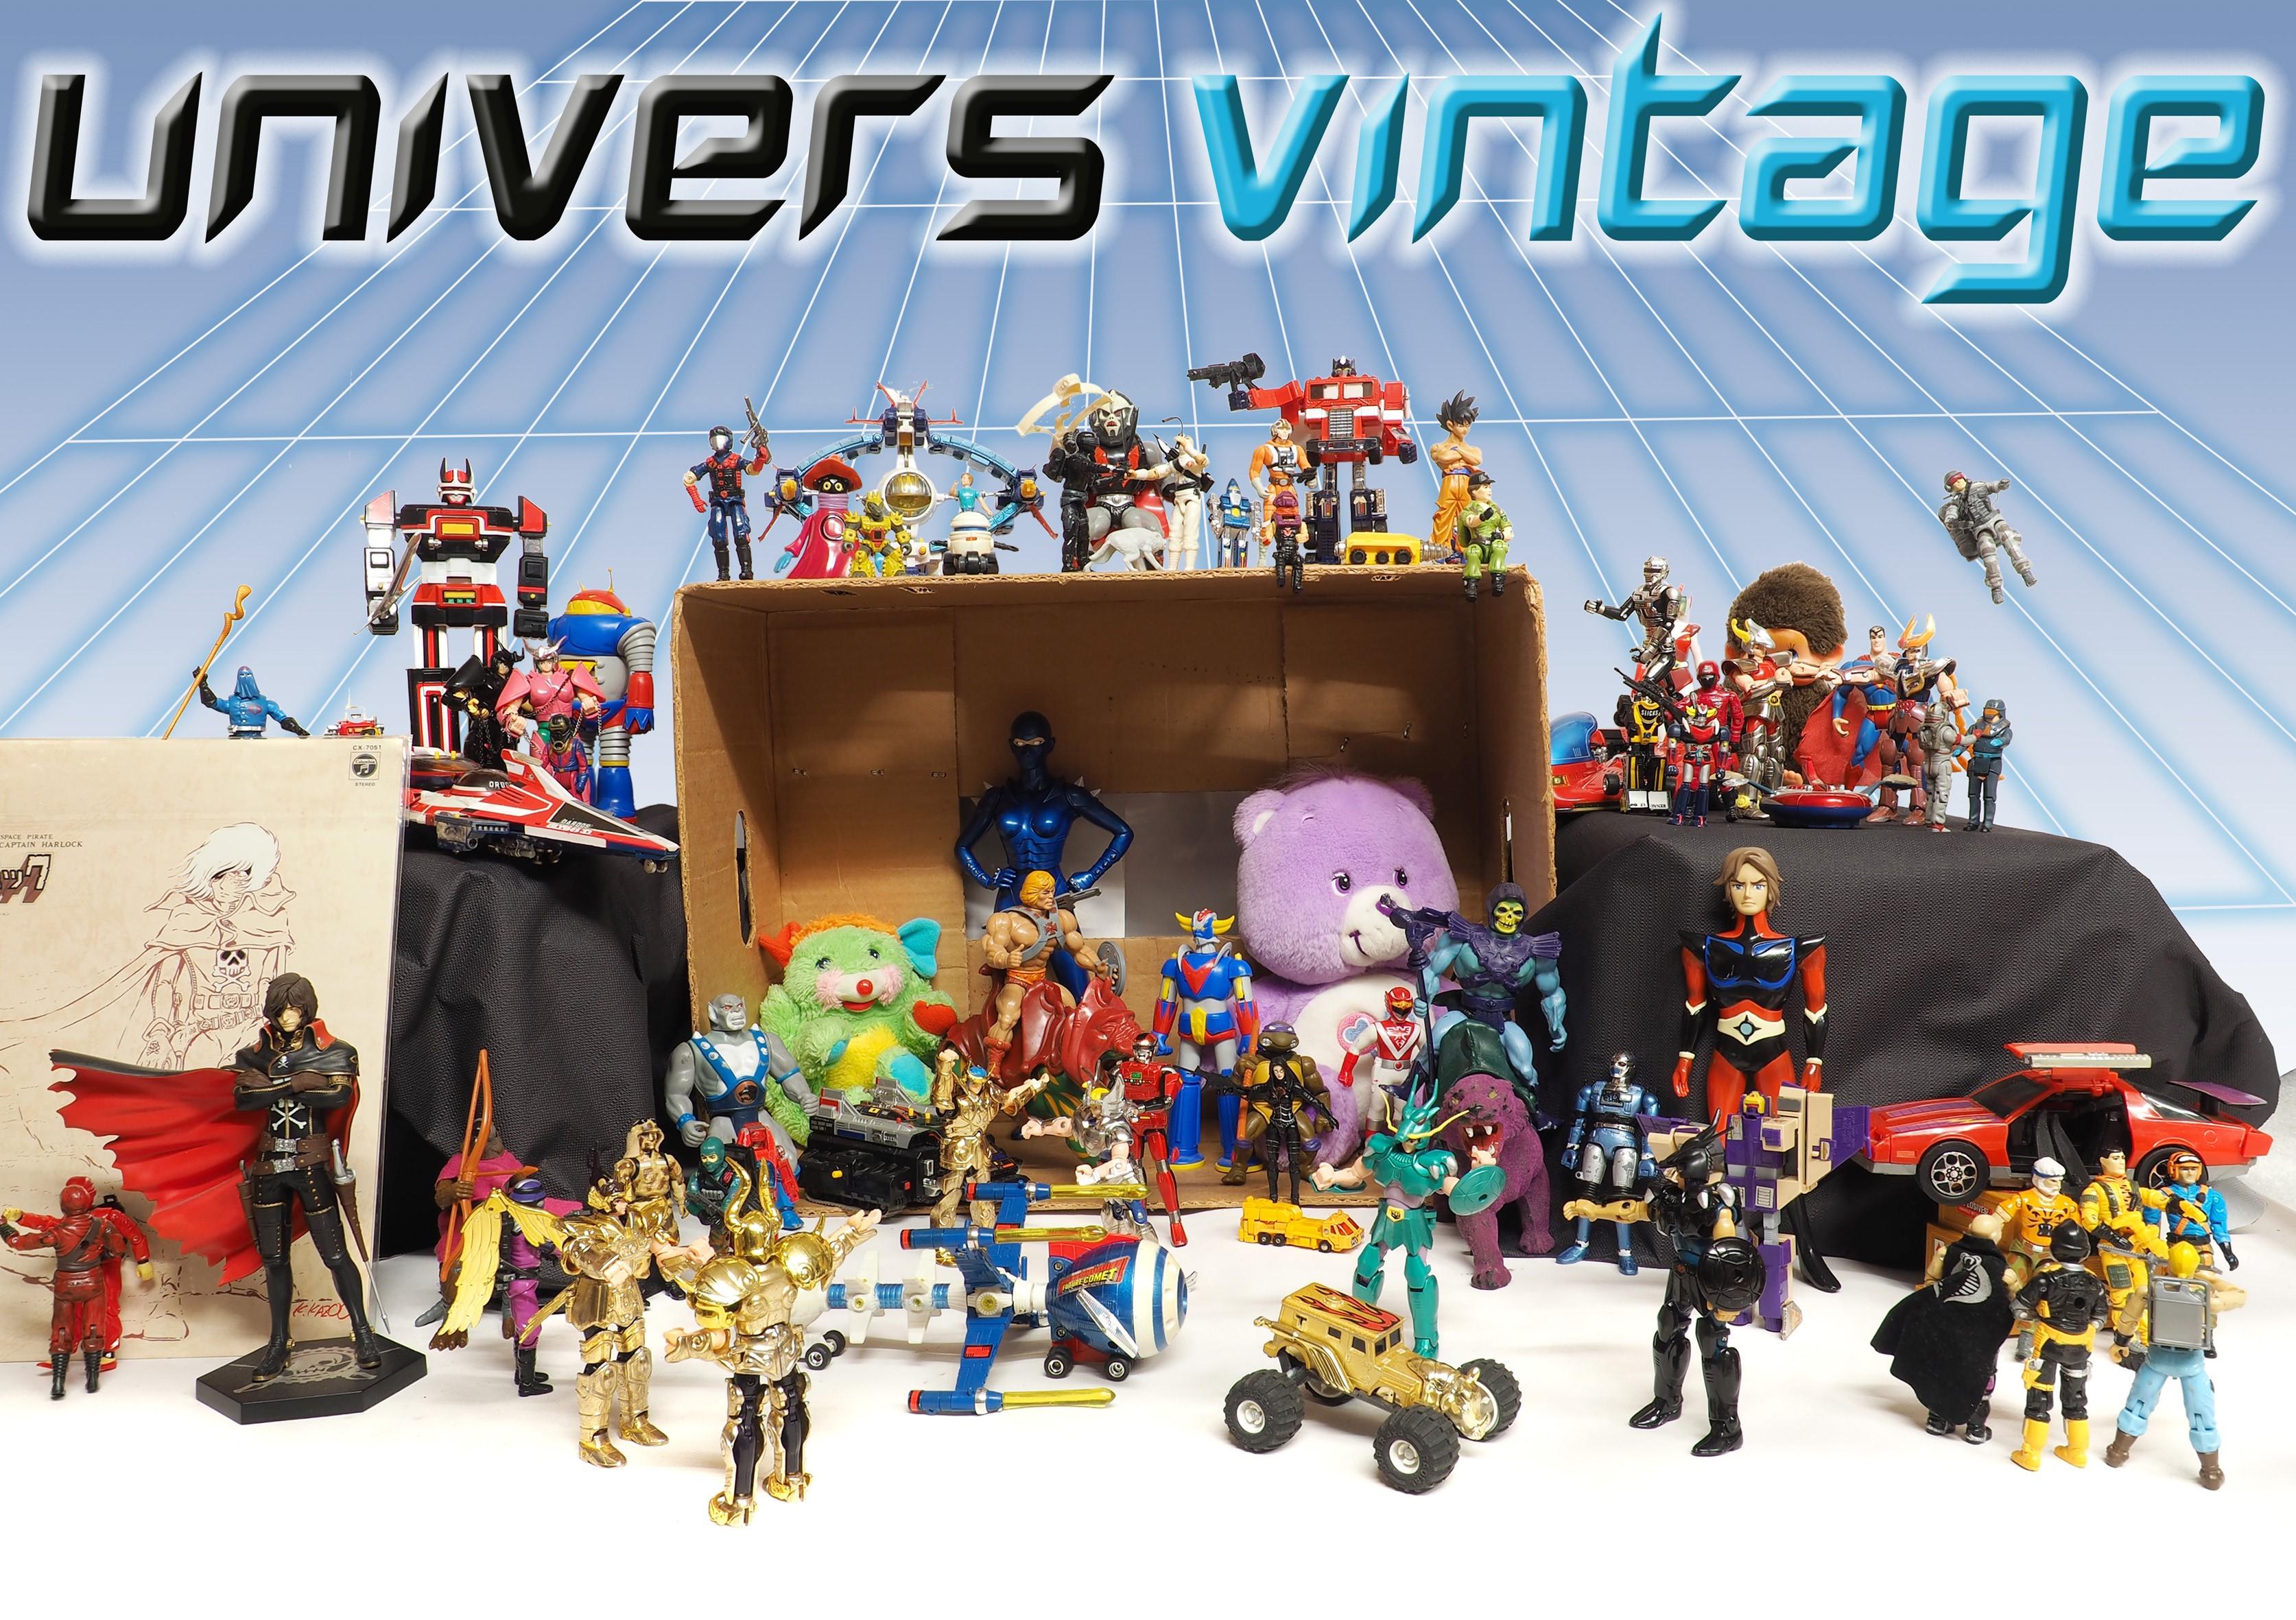 Jouets rétro_Univers-Vintage